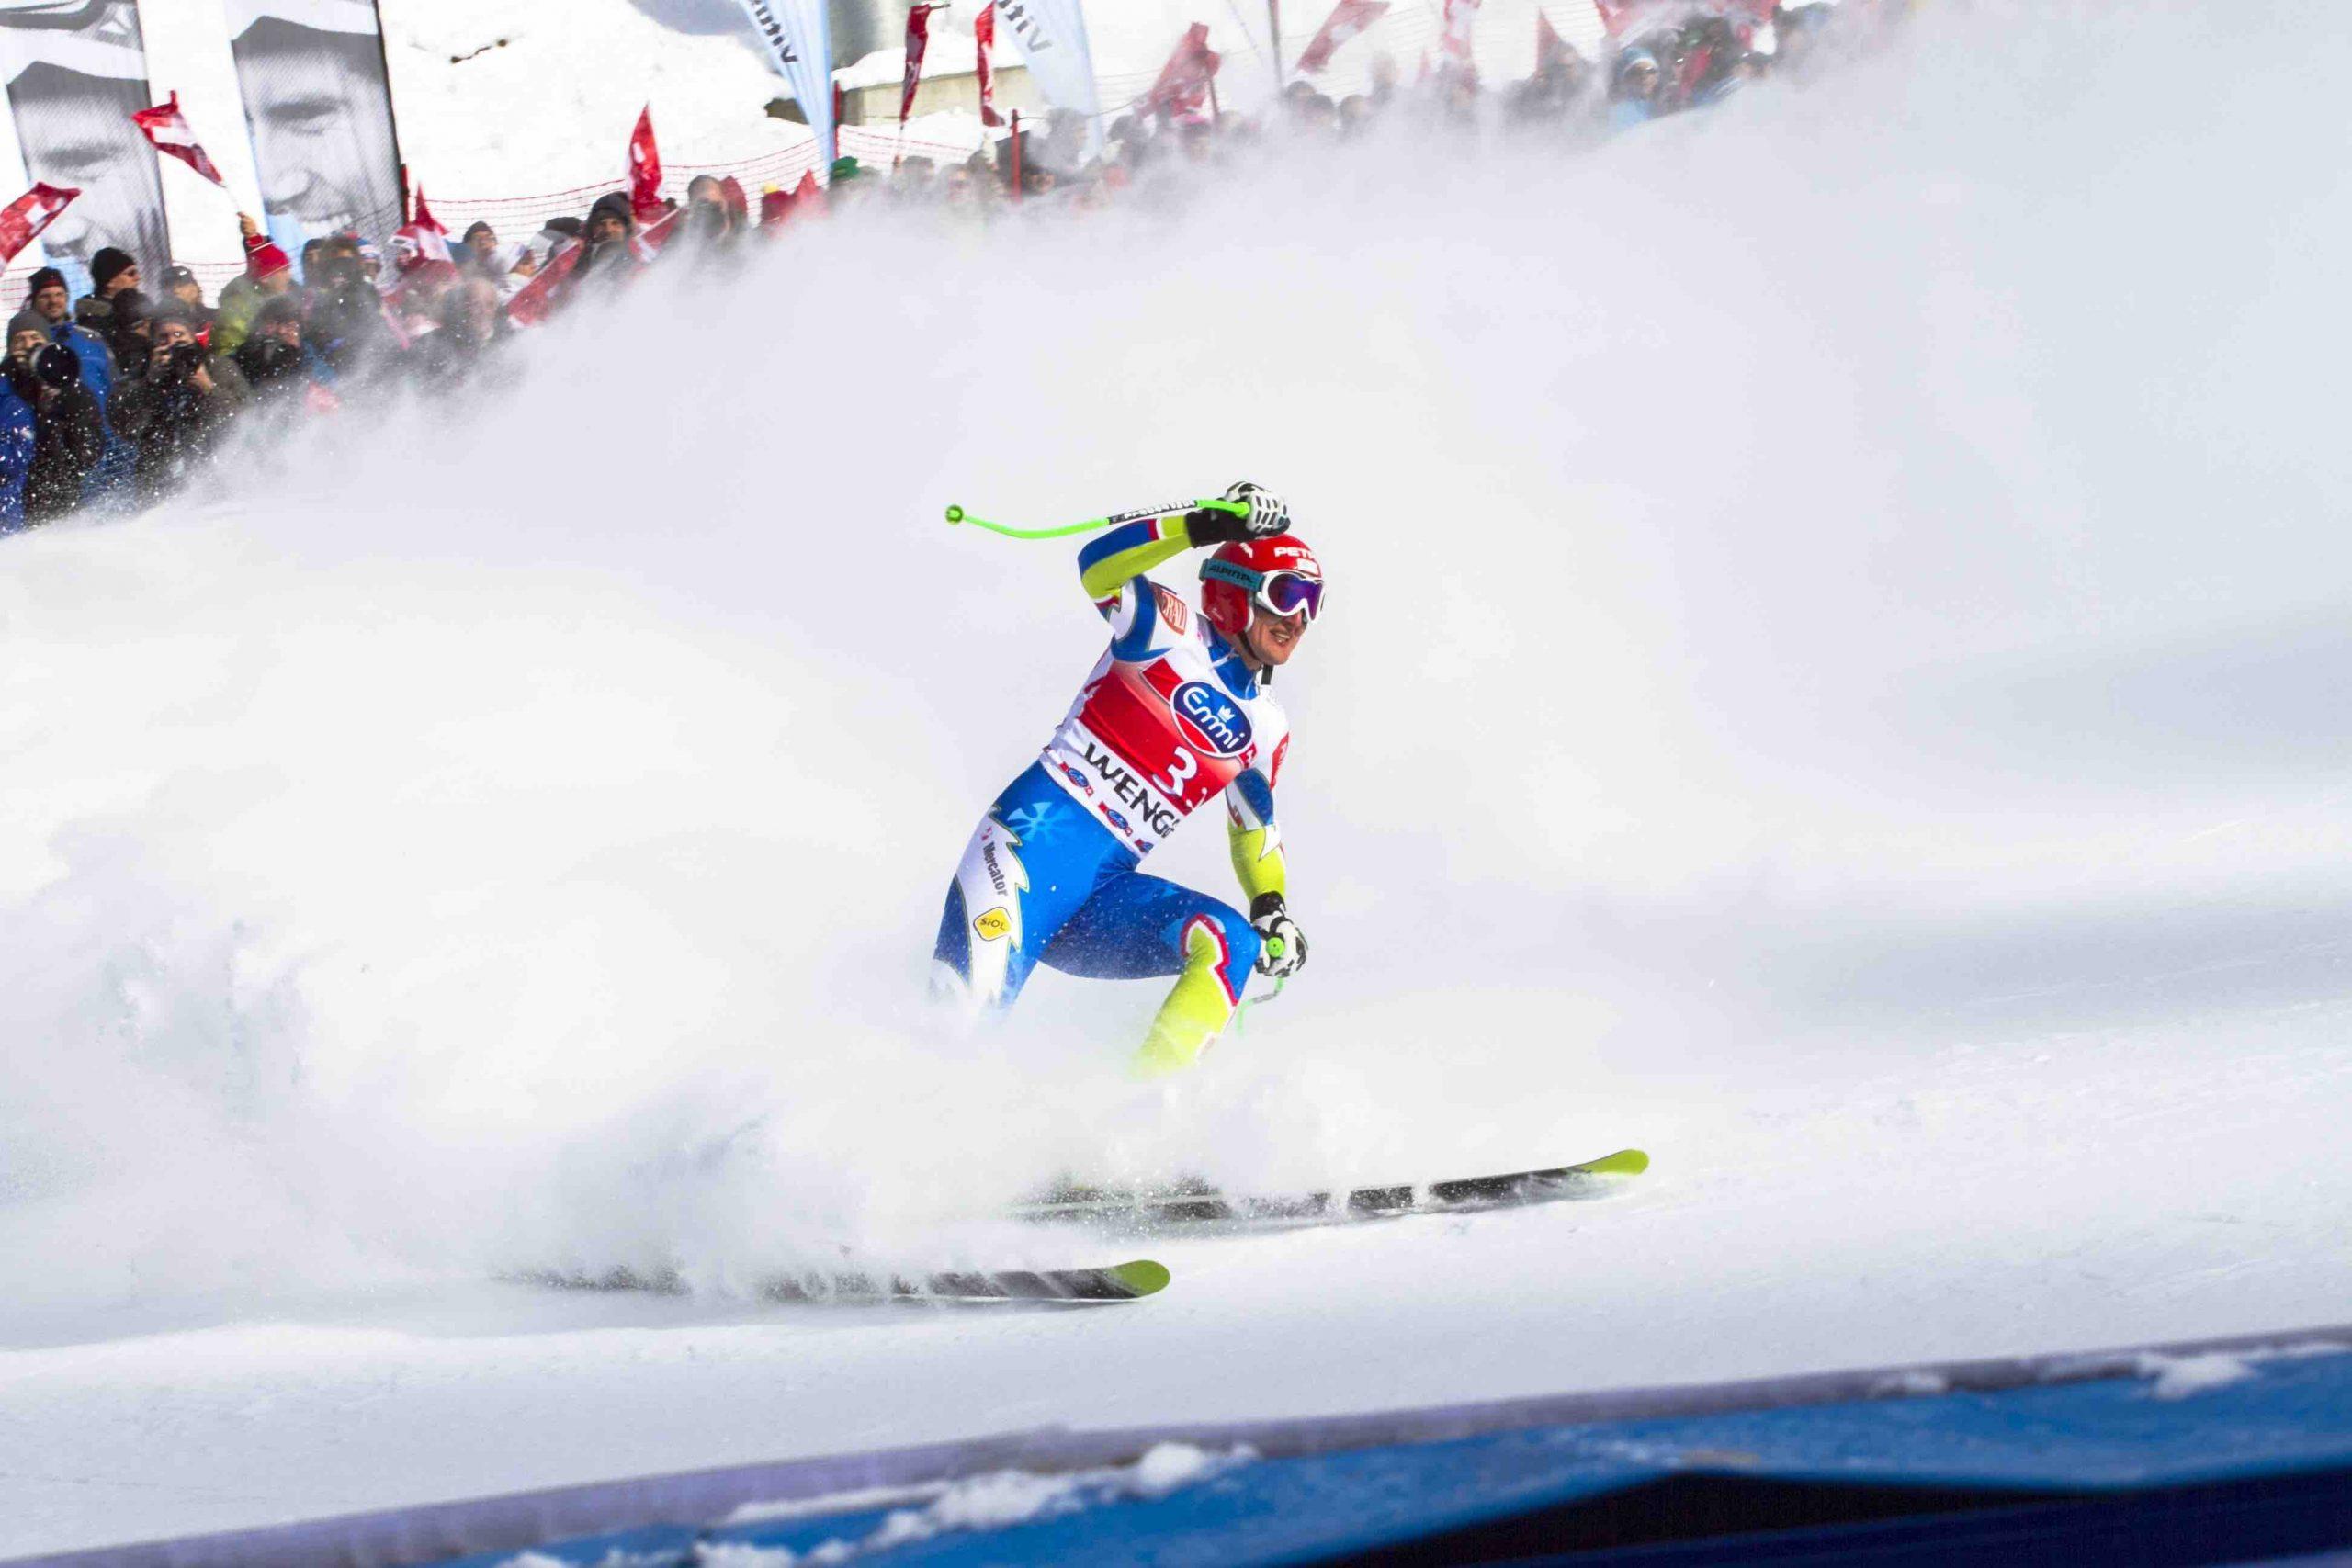 ropa-esqui-competicion